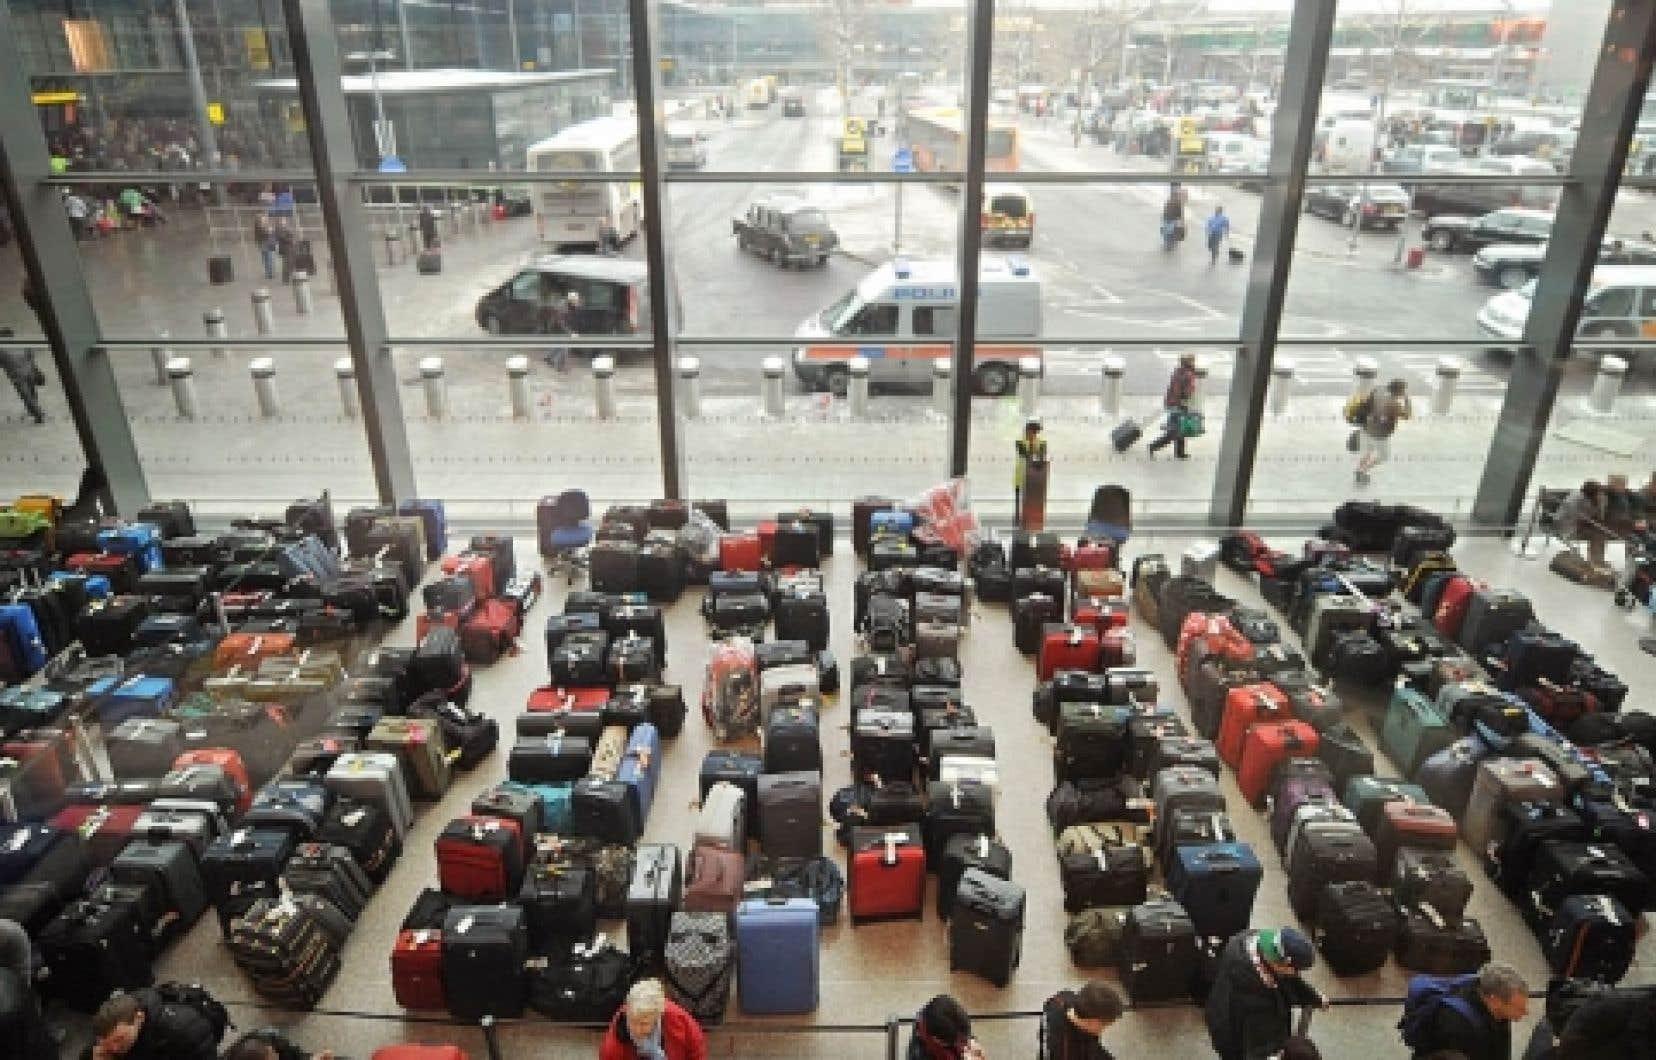 L'aéroport d'Heathrow, le plus fréquenté en Europe, estimait hier qu'il n'y aurait qu'un nombre restreint de vols qui décolleraient et atterriraient. Des passagers furieux se sont vu refuser l'accès à l'intérieur de l'aéroport, et ce, même s'ils étaient munis de leur carte d'embarquement pour des vols prévus hier.<br />